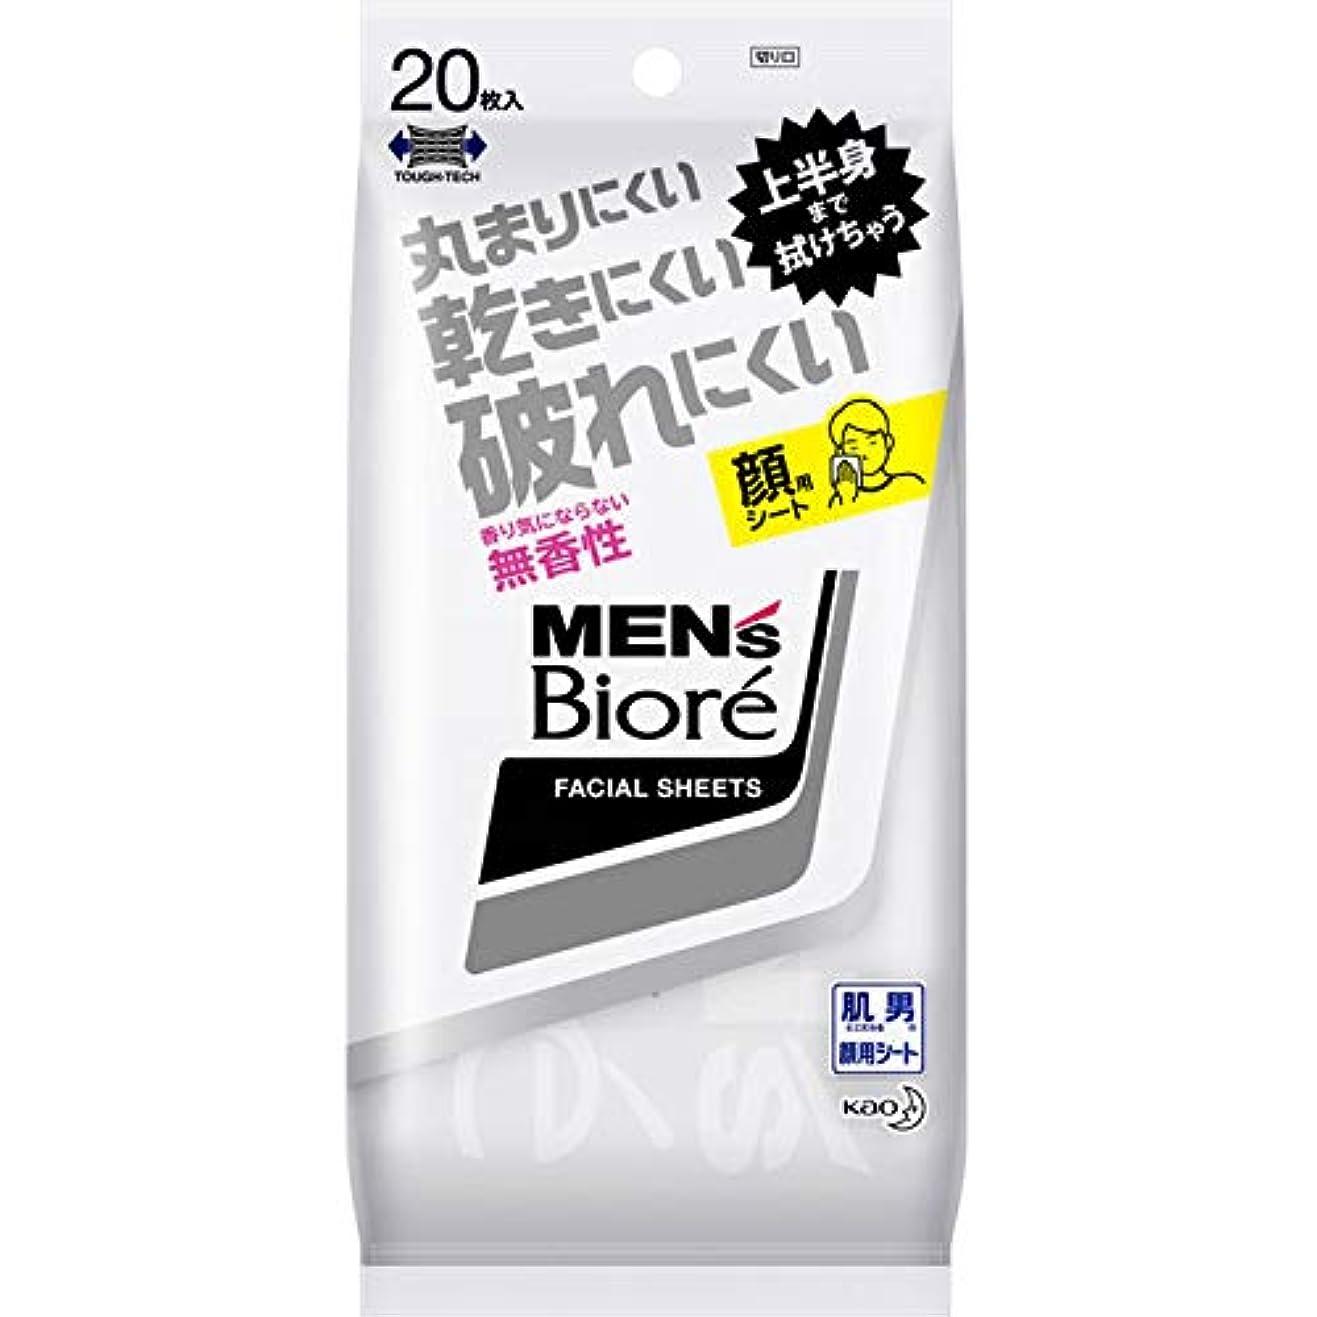 花王 メンズビオレ 洗顔シート 香り気にならない無香性 携帯用 (20枚入) ビオレ フェイスシート